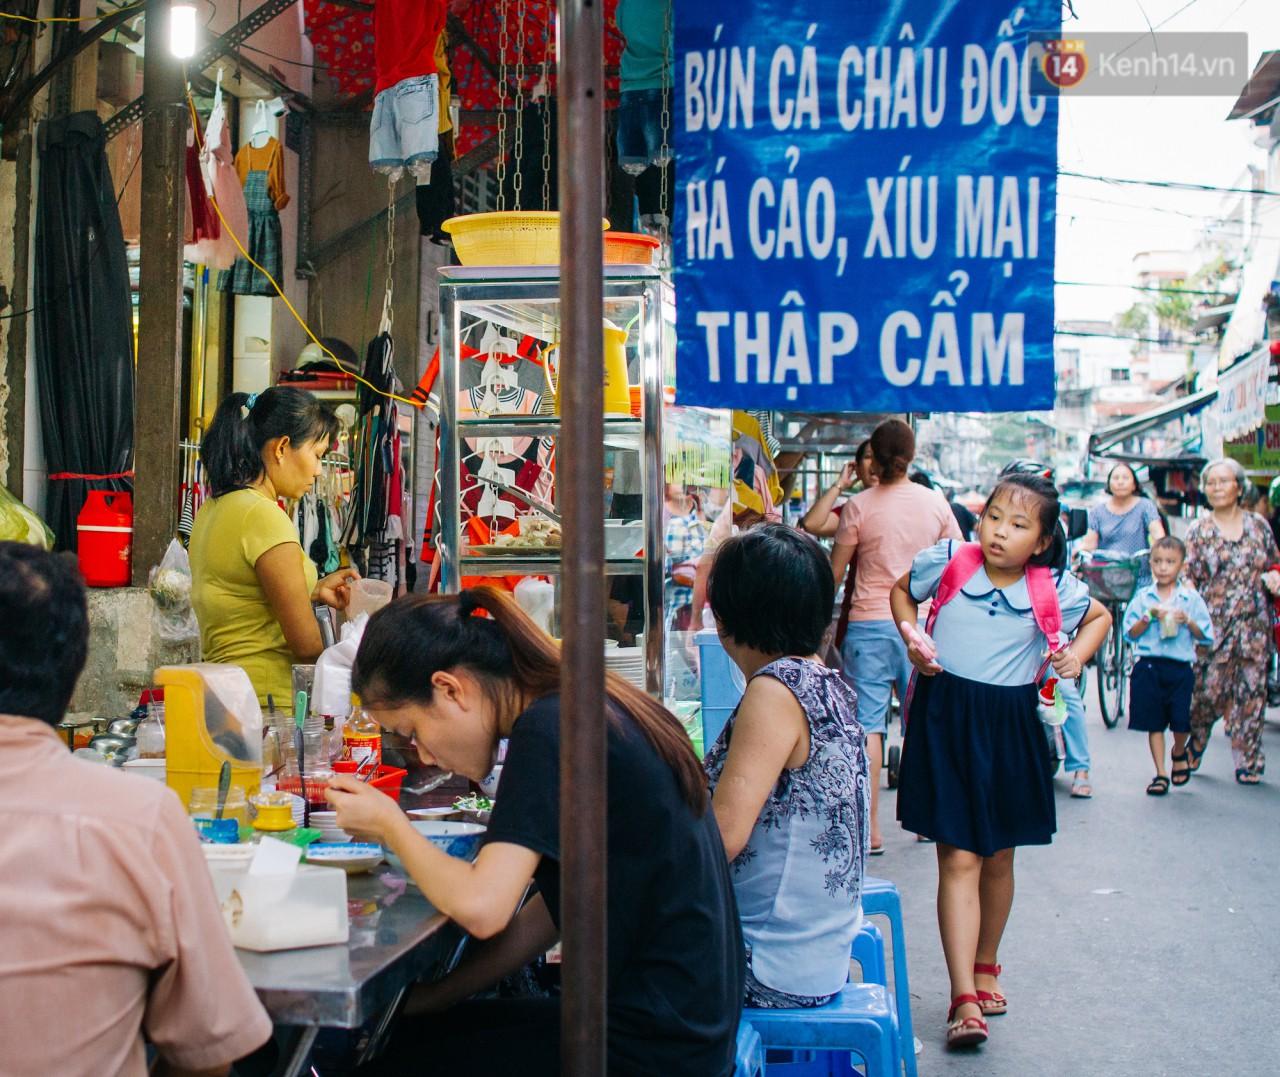 Chùm ảnh: Ở Sài Gòn, có một khu chợ mang tên Campuchia nằm trong hẻm nhỏ nhưng hội tụ đủ hàng ăn thức uống các vùng miền - Ảnh 4.